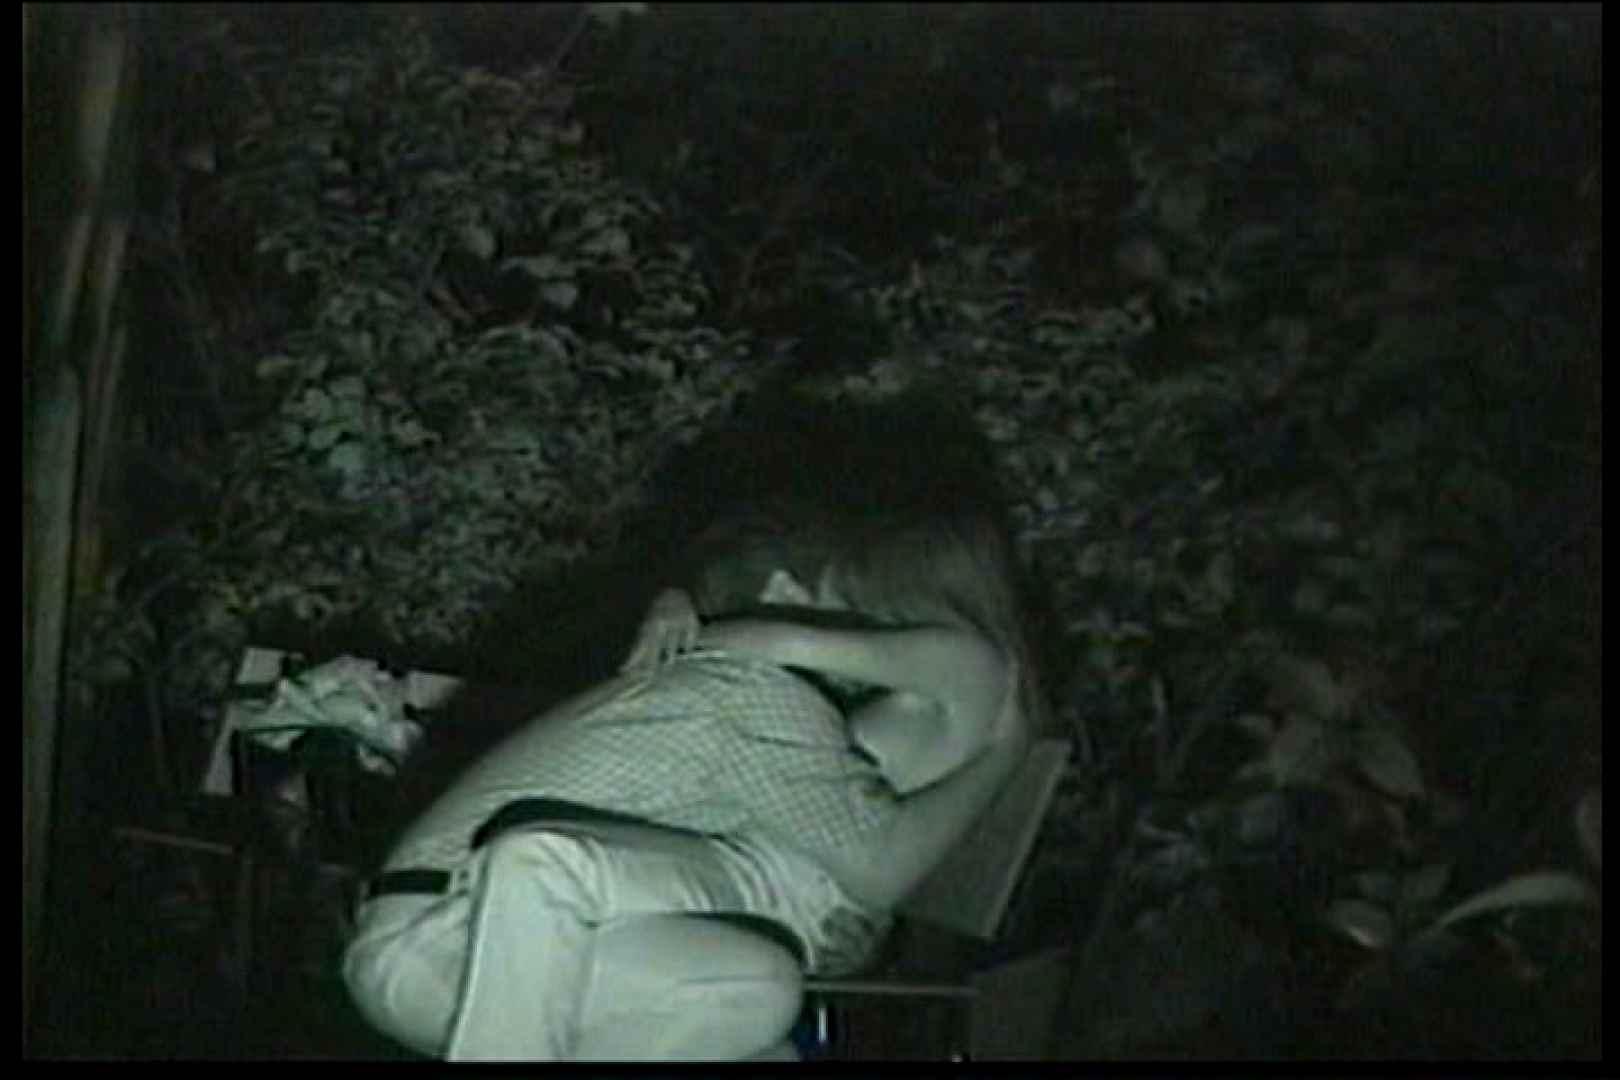 闇の仕掛け人 無修正版 Vol.16 セックス AV無料動画キャプチャ 78PIX 58